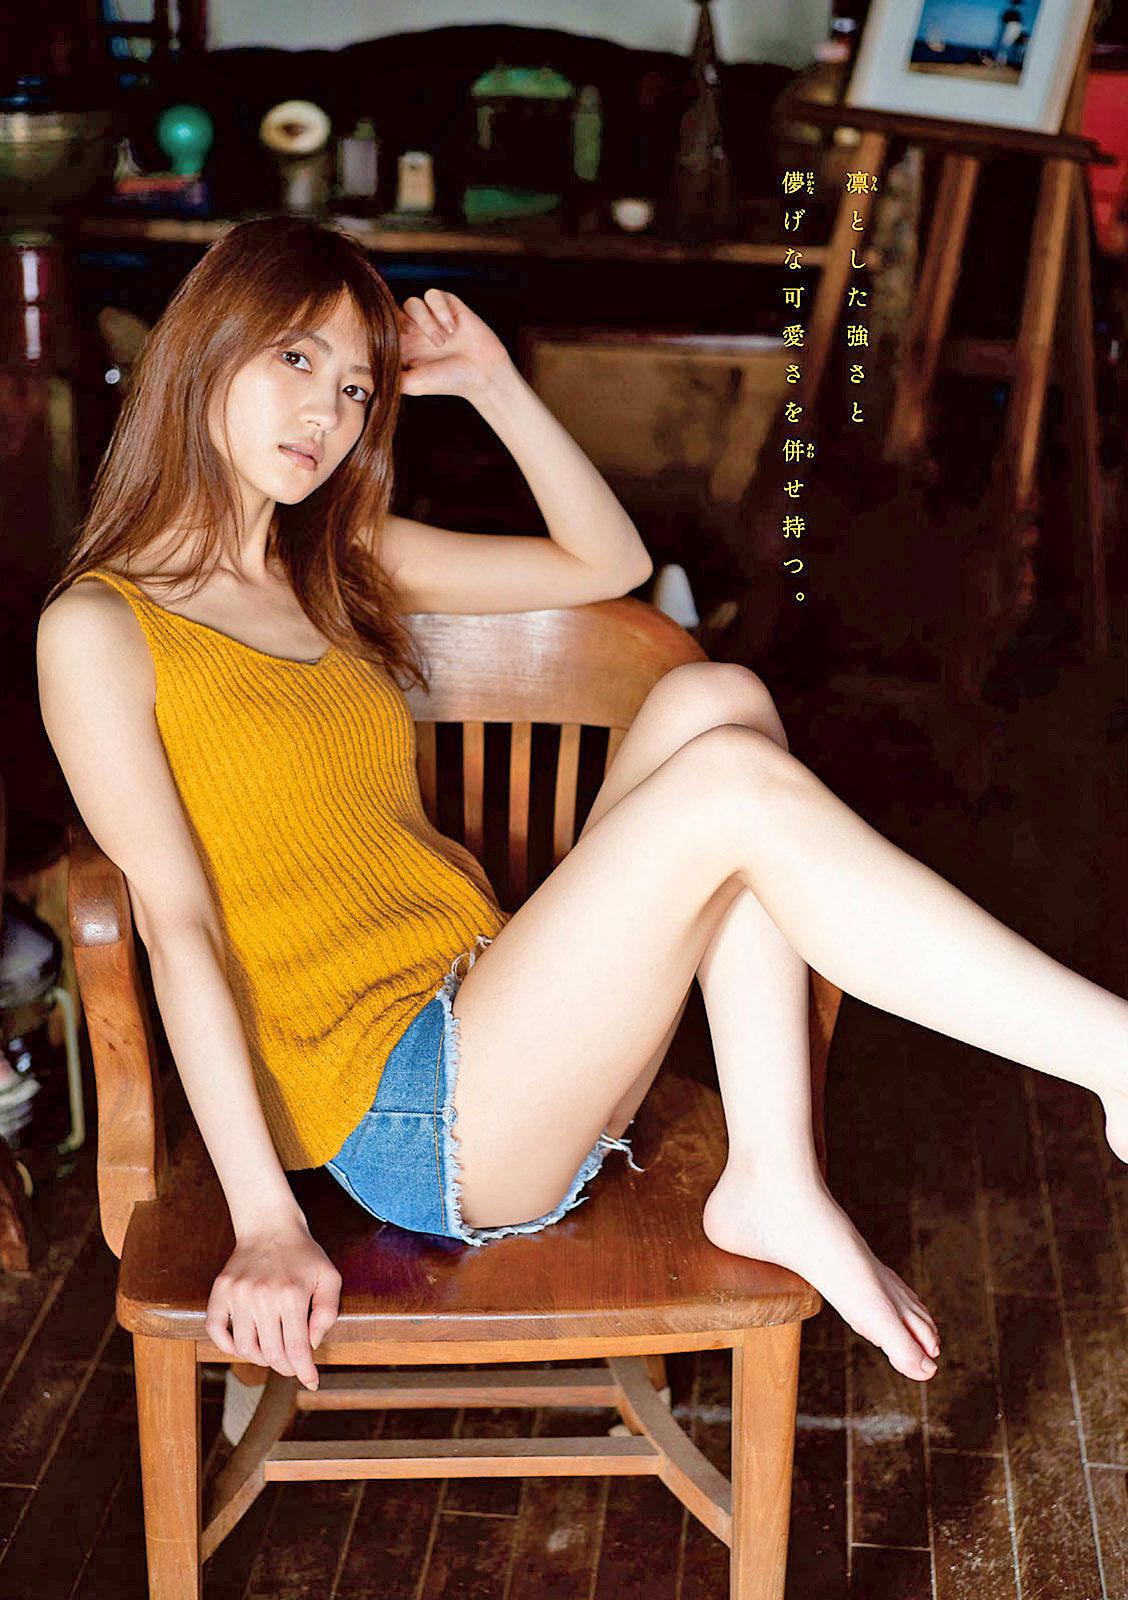 YWakatsuki Young Magazine 200727 08.jpg